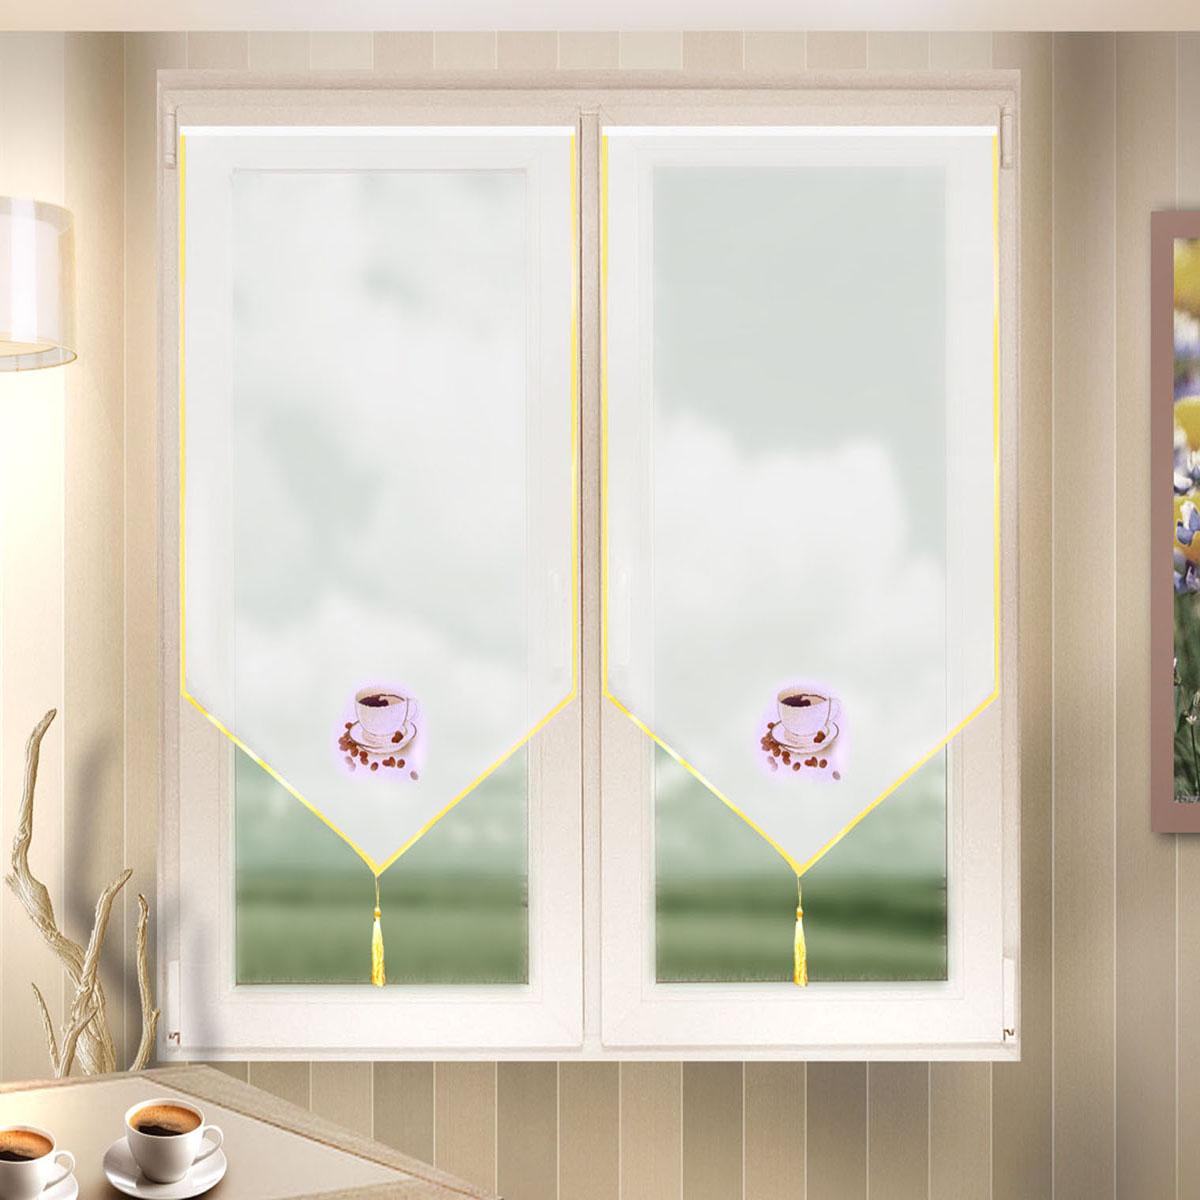 Гардина Zlata Korunka, цвет: белый, ширина 60 см, высота 120 см. 666023/14620019034603Лучшая альтернатива рулонным шторам на кухне – шторы на липкой ленте. Особенность этих штор заключается в том, что они имеют липкую основу в месте крепления . Лента или основа надежно и быстро крепится на раму окна, а на нее фиксируется сама штора.Размеры: ширина 60* высота 120